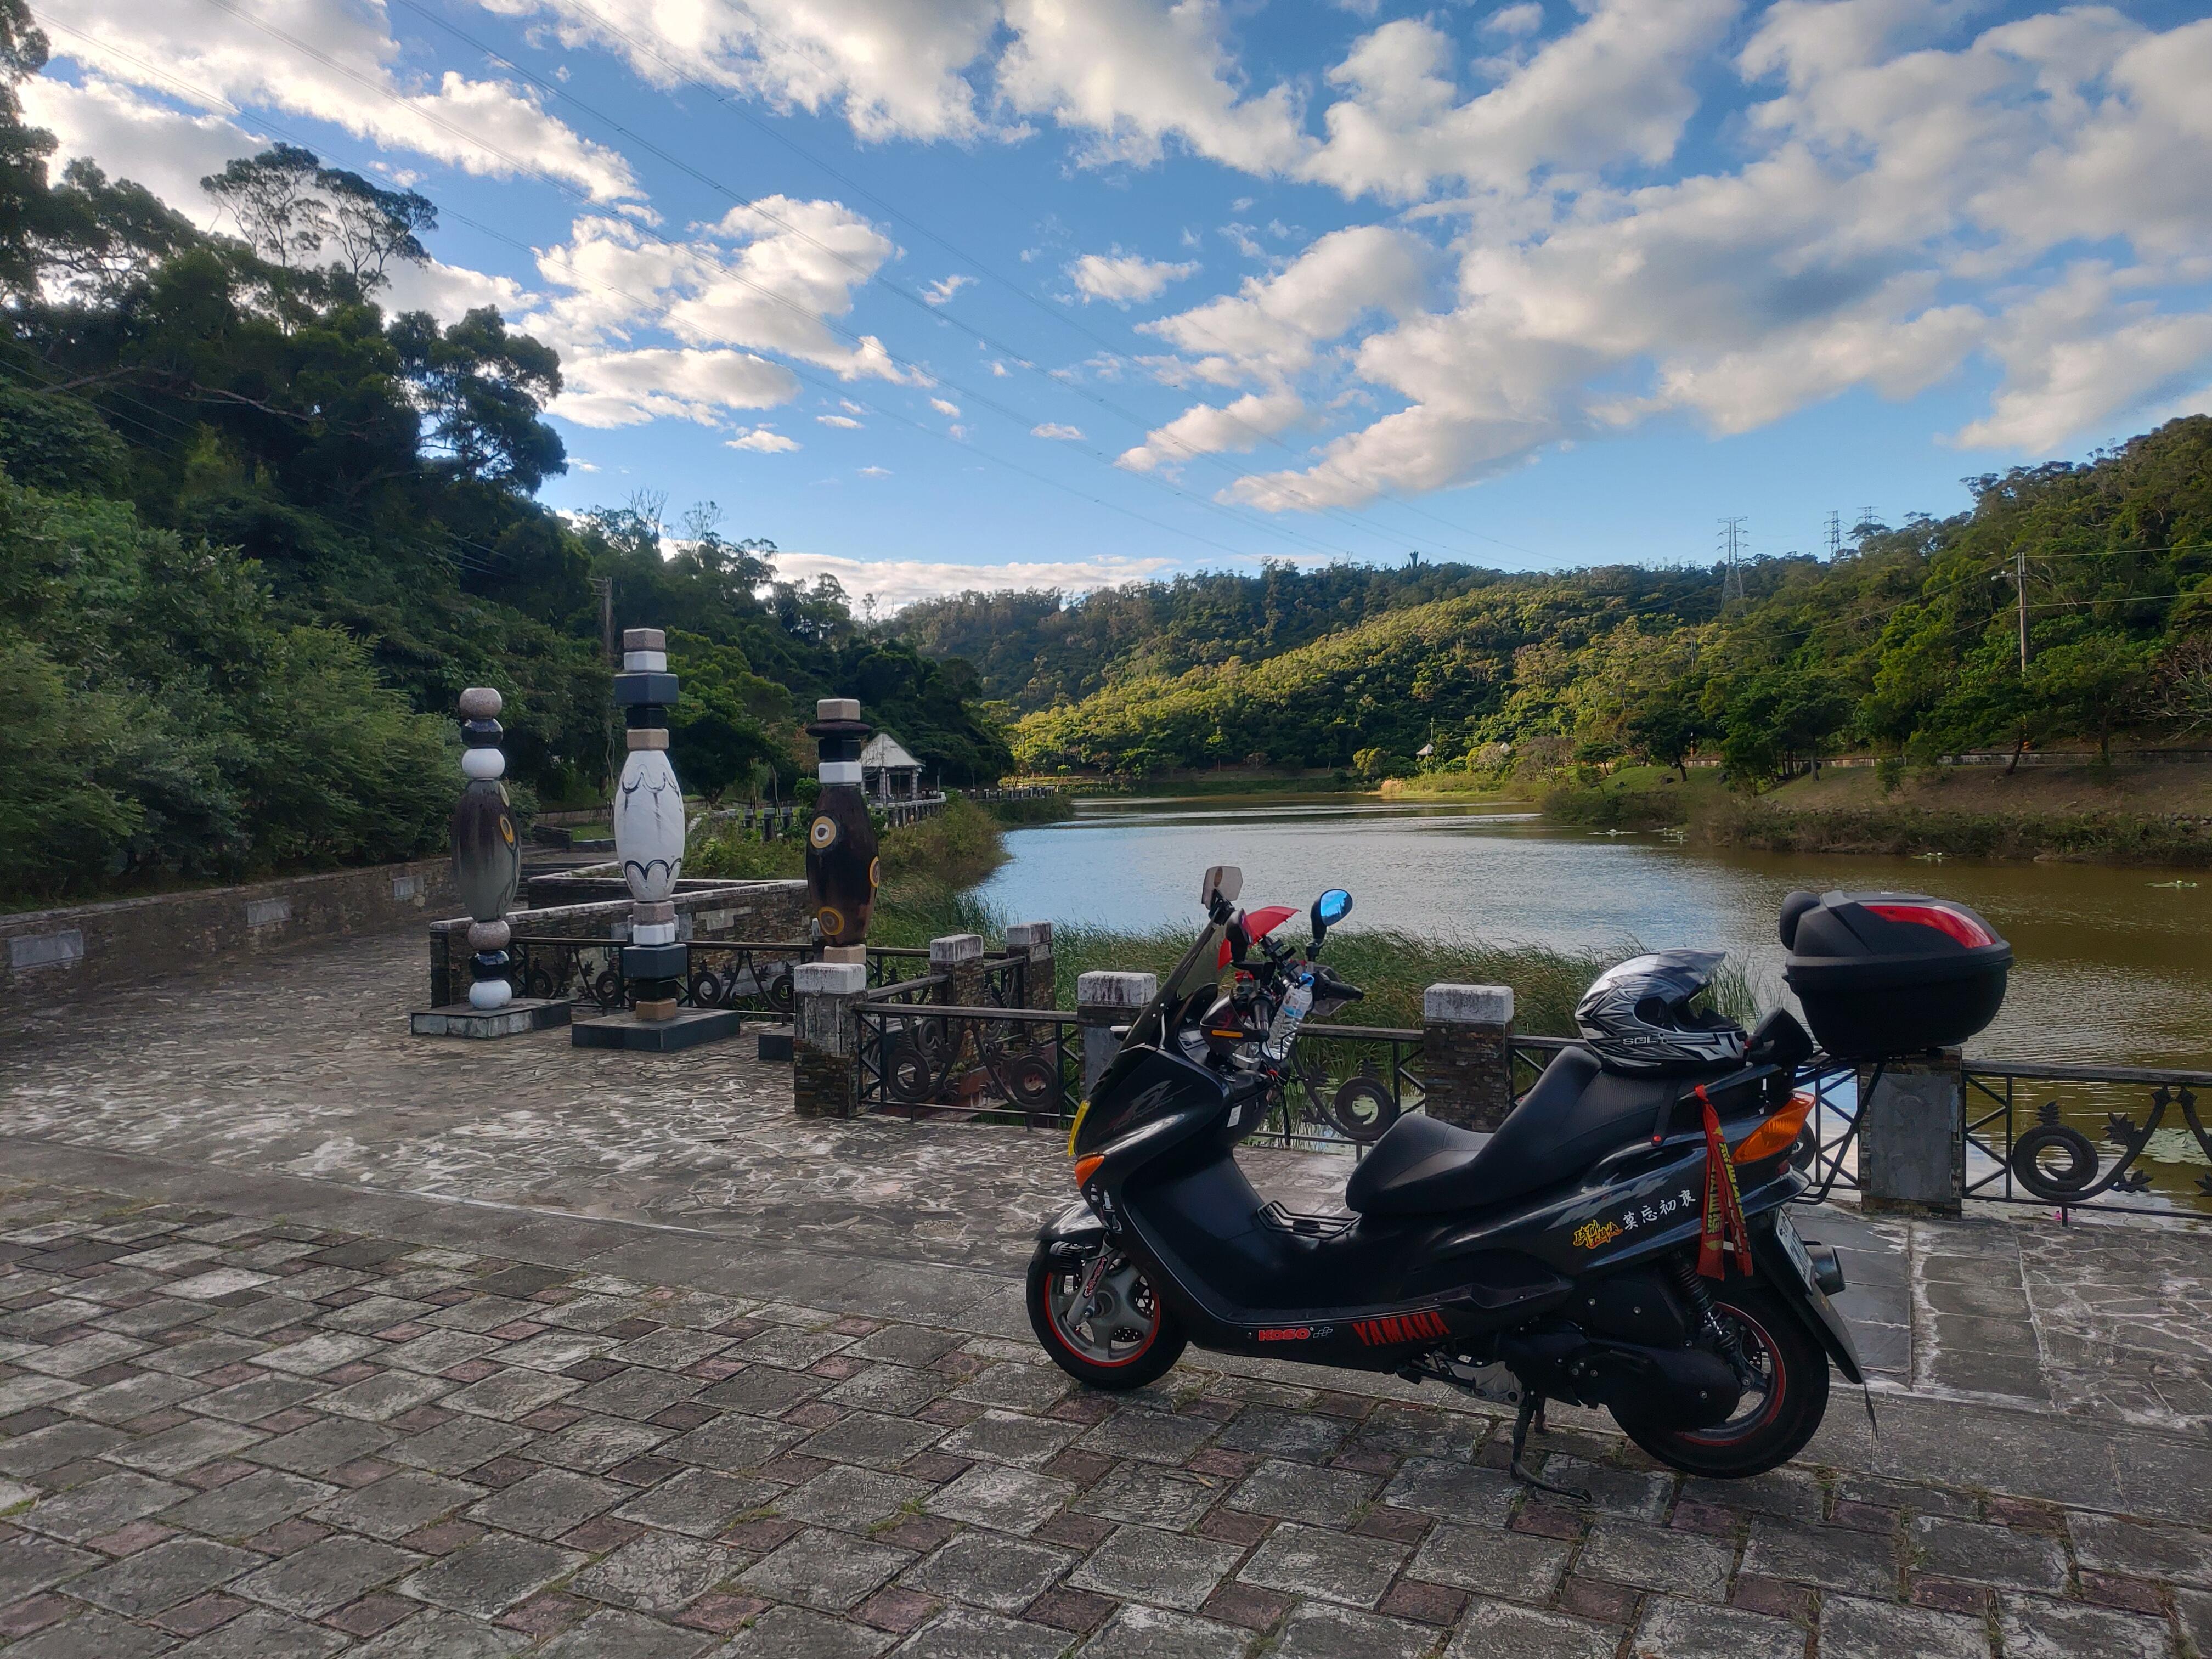 5th 走!去騎摩托車吧!六天五夜山海奇行環島之旅2582